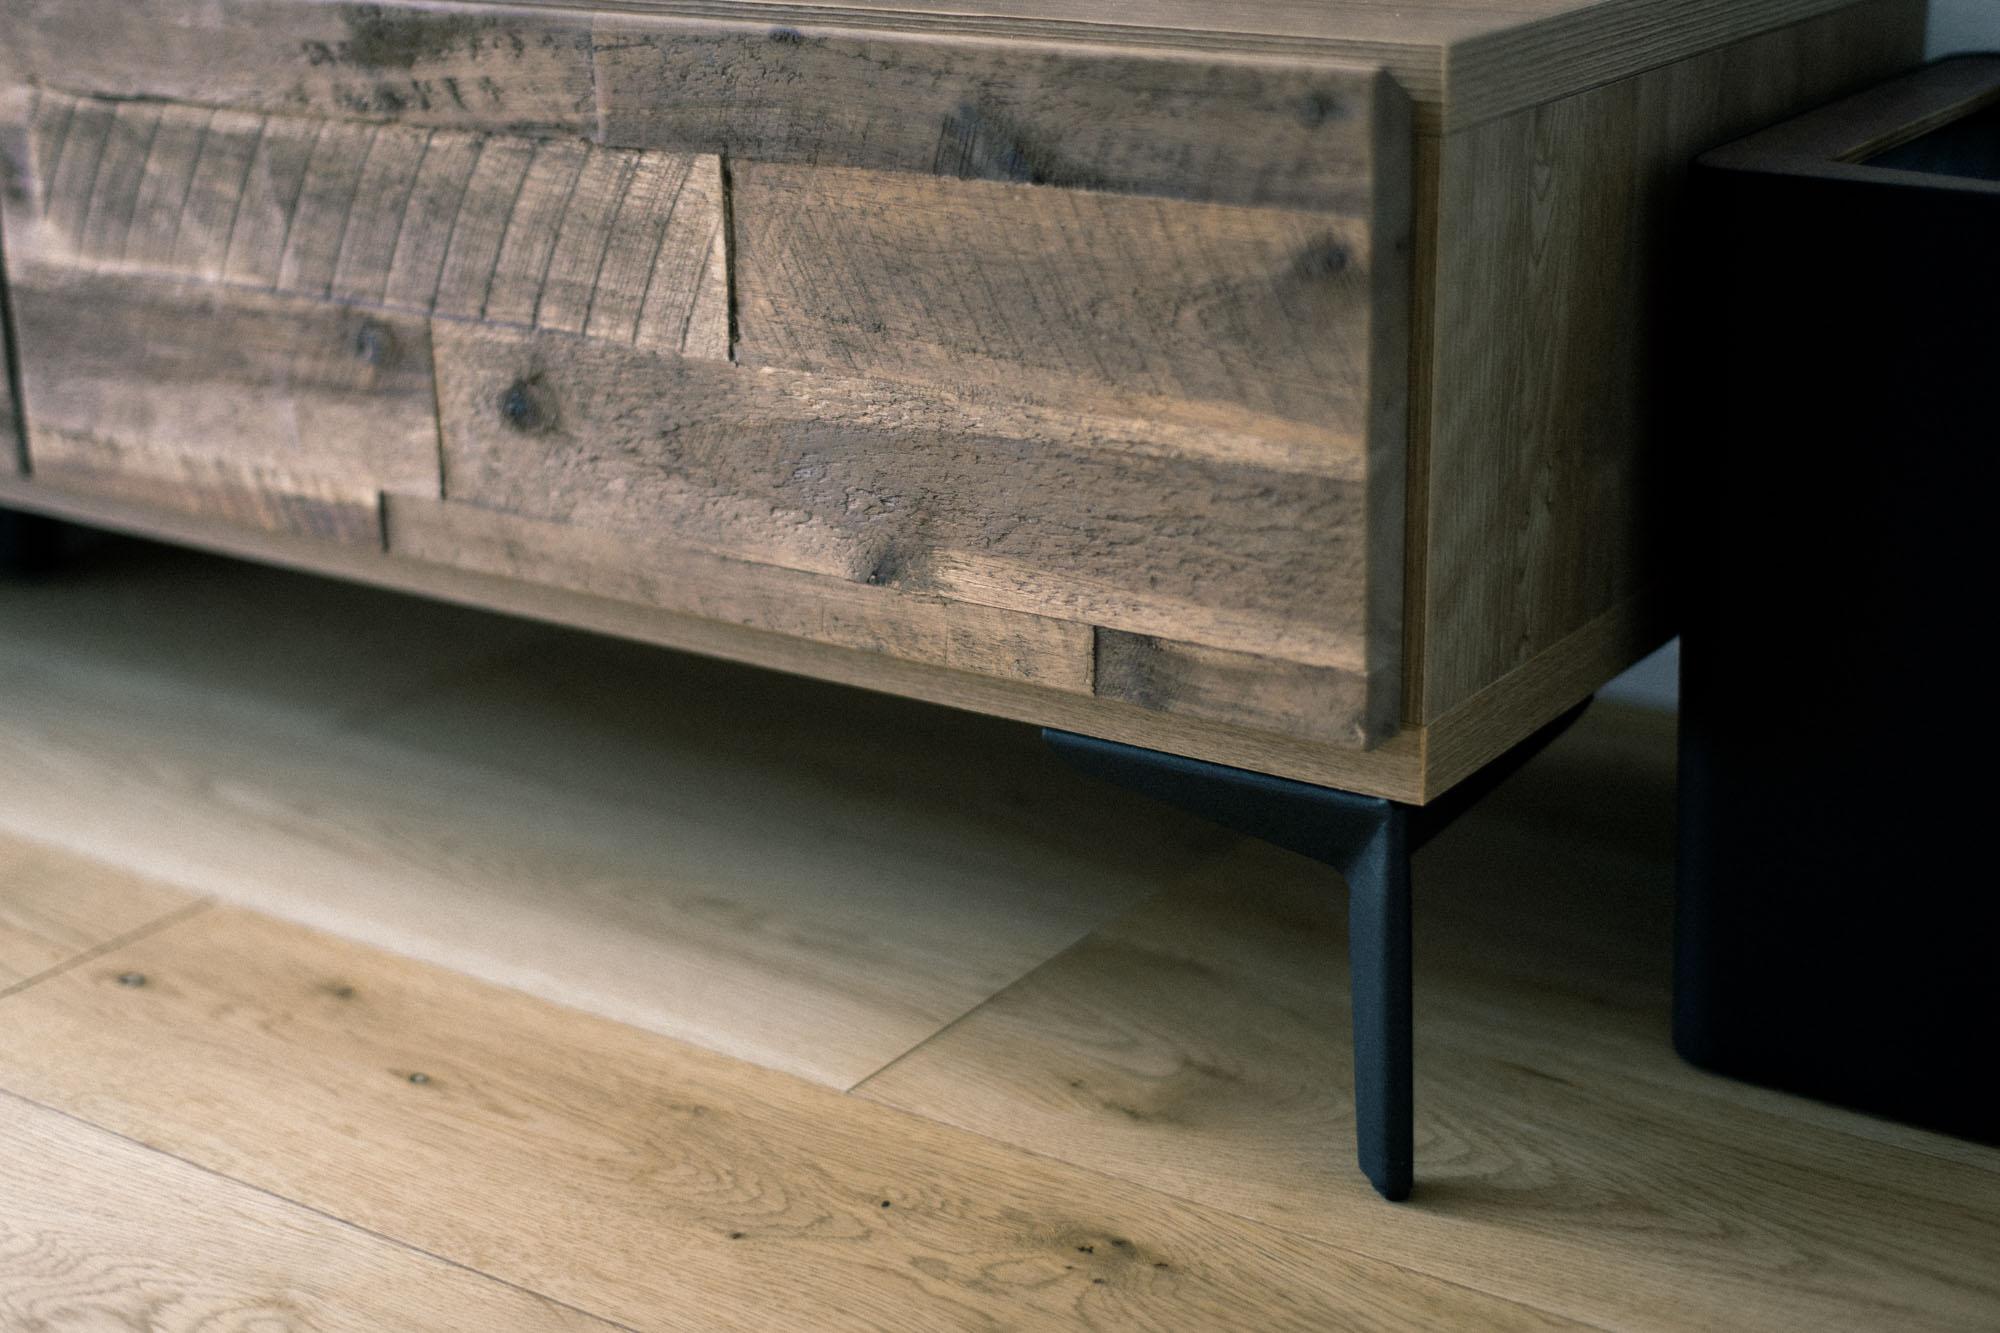 ソファの足はもともと木材、テレビボードの足はアルミ素材だったものを、アイアンペイントで塗装されているそう。